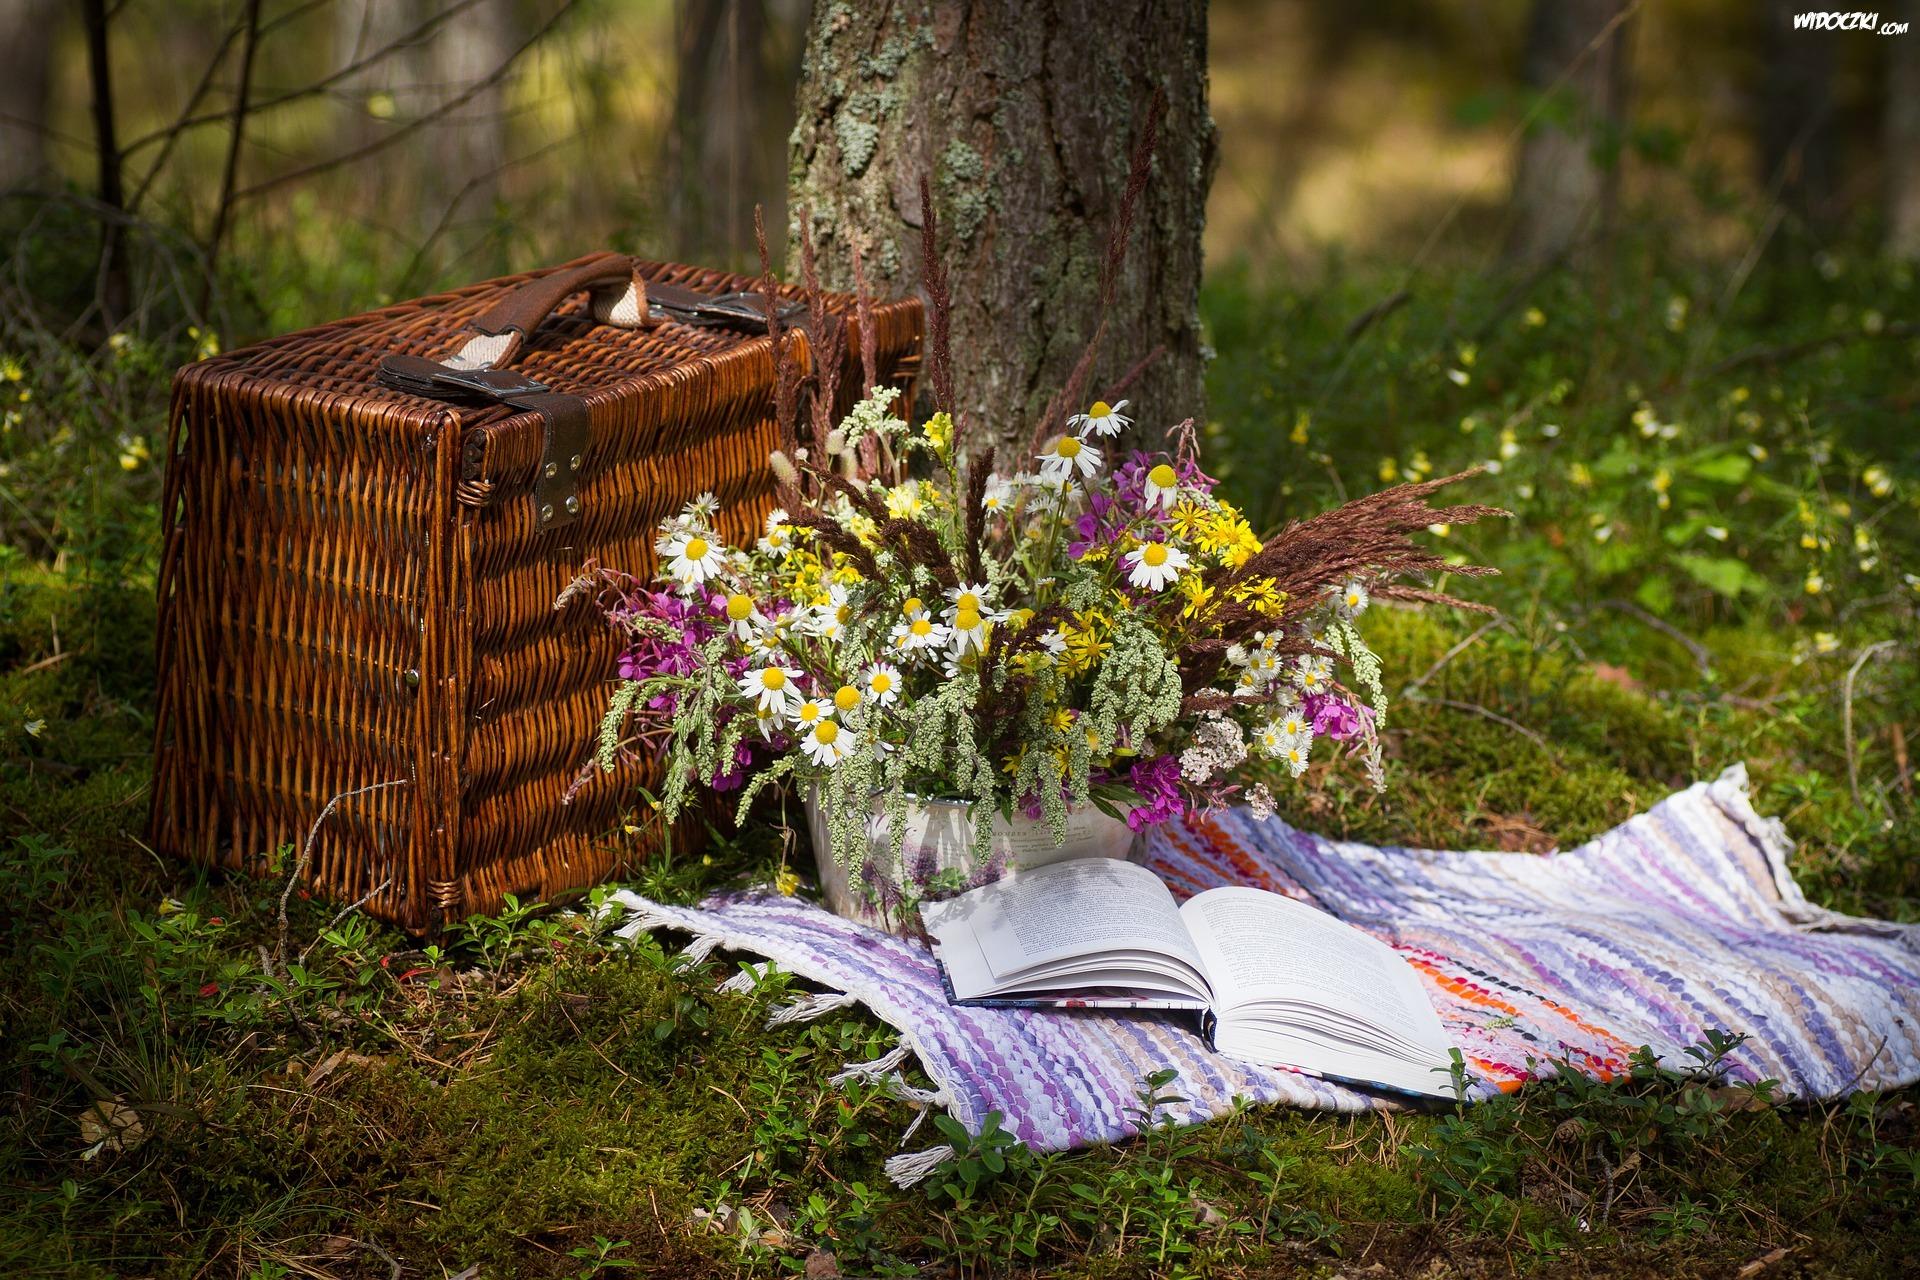 Drzewo, Bukiet, Polne, Kwiaty, Książka, Koszyk, Wiklinowy, Piknikowy